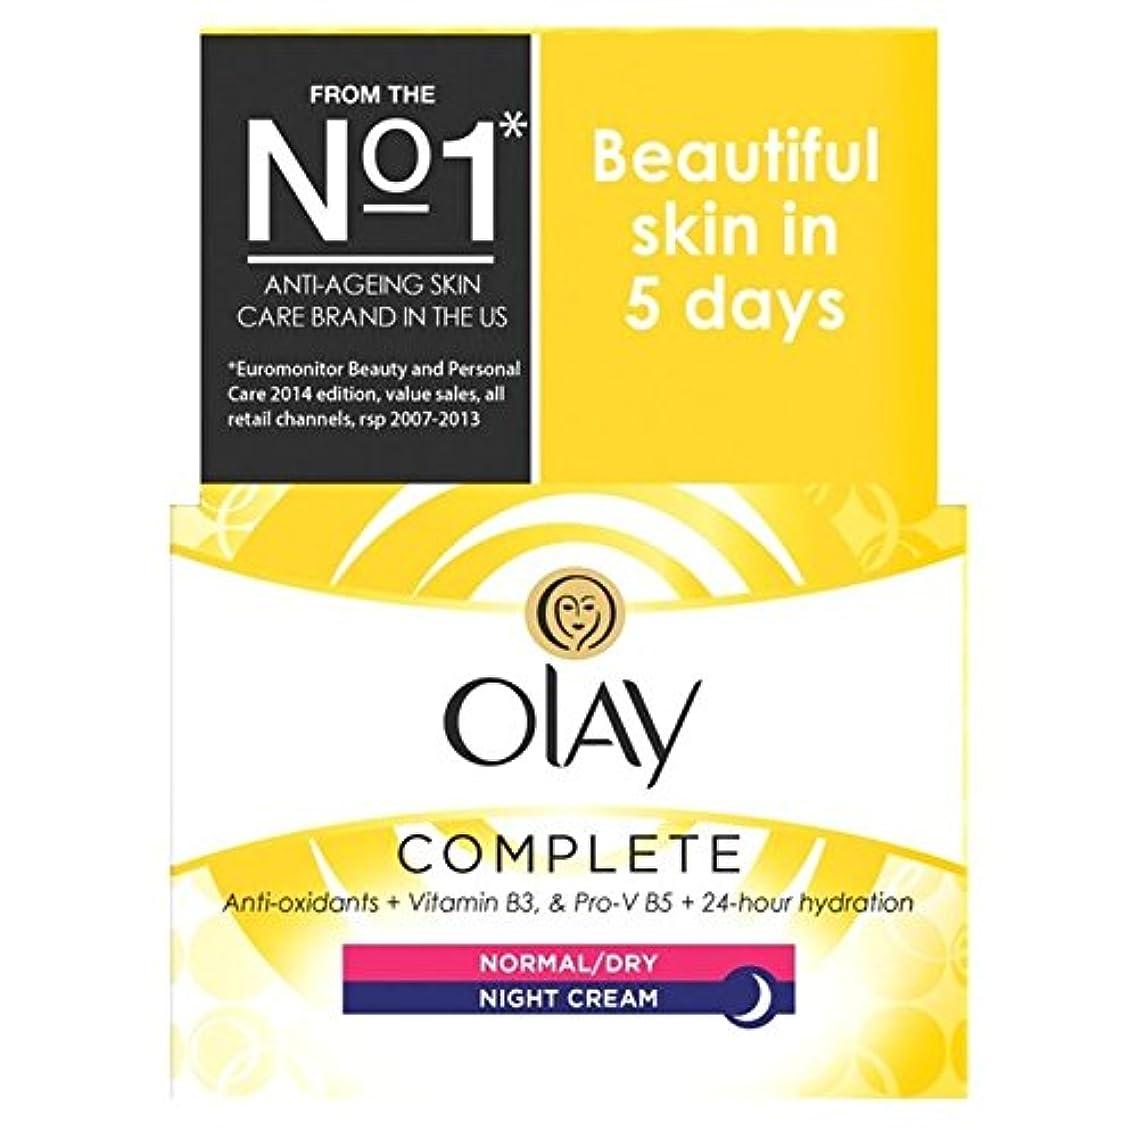 列車無一文裁判所オーレイ必需品の完全なケア保湿ナイトクリーム50ミリリットル x4 - Olay Essentials Complete Care Moisturiser Night Cream 50ml (Pack of 4) [並行輸入品]